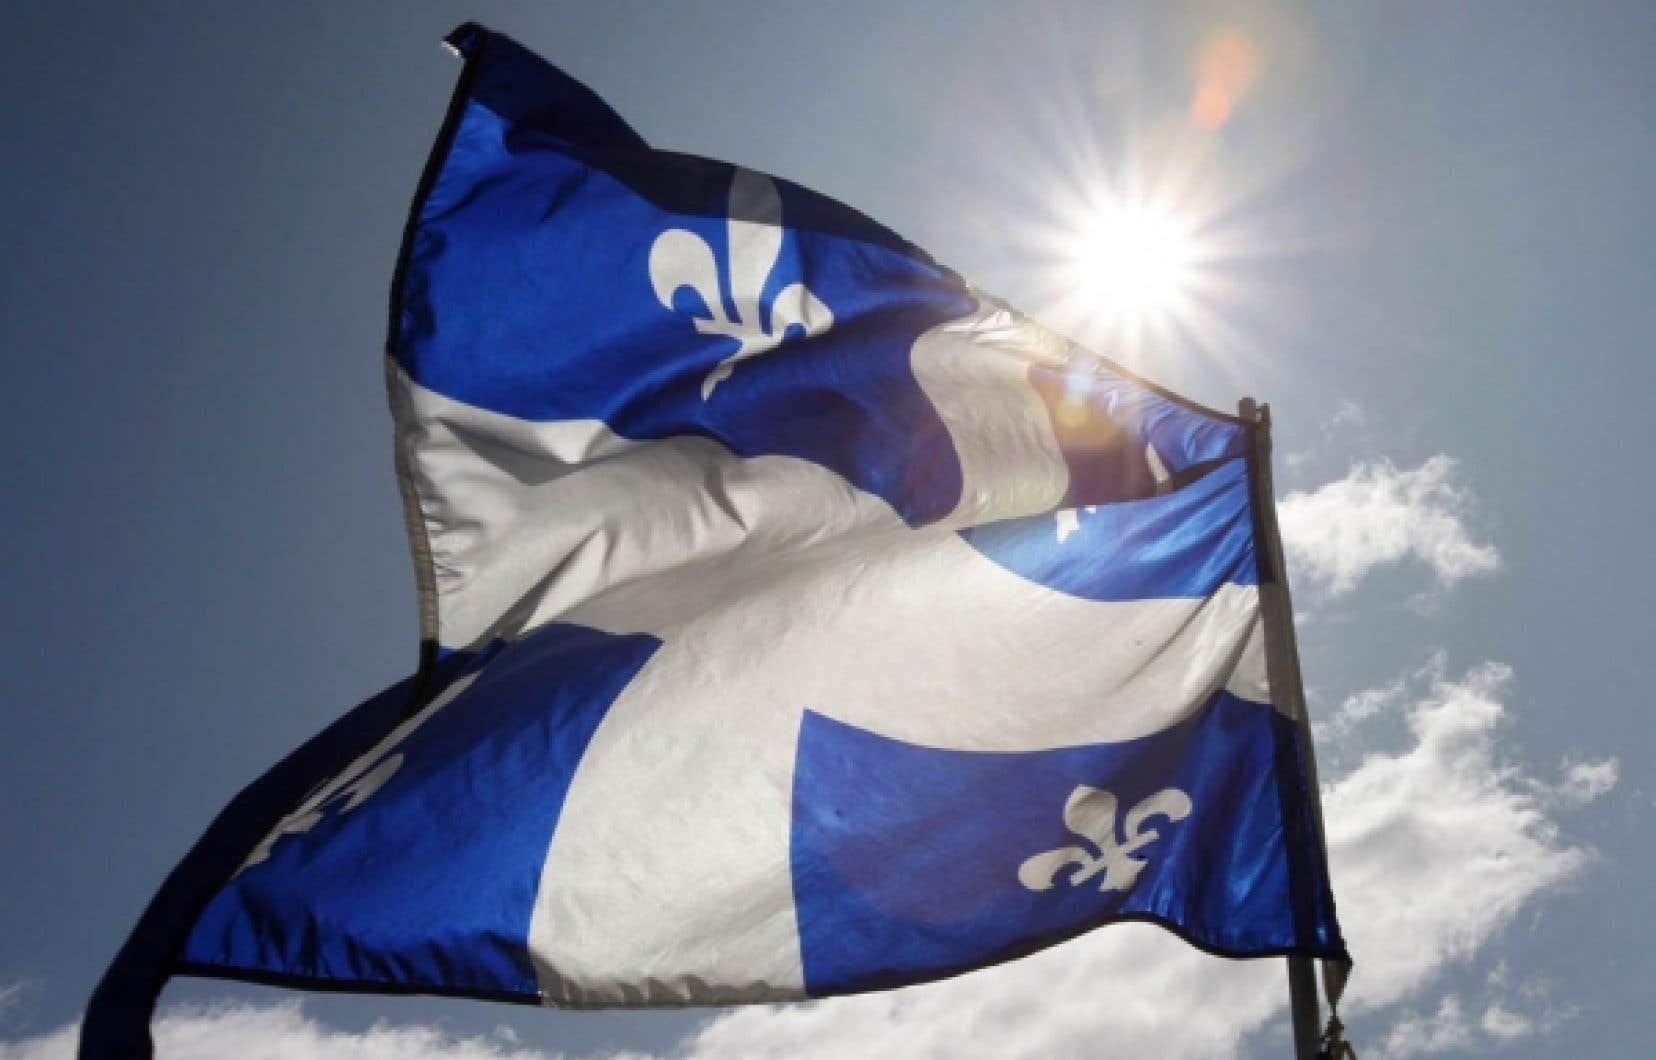 34,2 % des répondants à un sondage orchestré par Le Devoir estiment que dans 100 ans, le Québec aura finalement accédé au statut de pays, après avoir acquis son indépendance.<br />